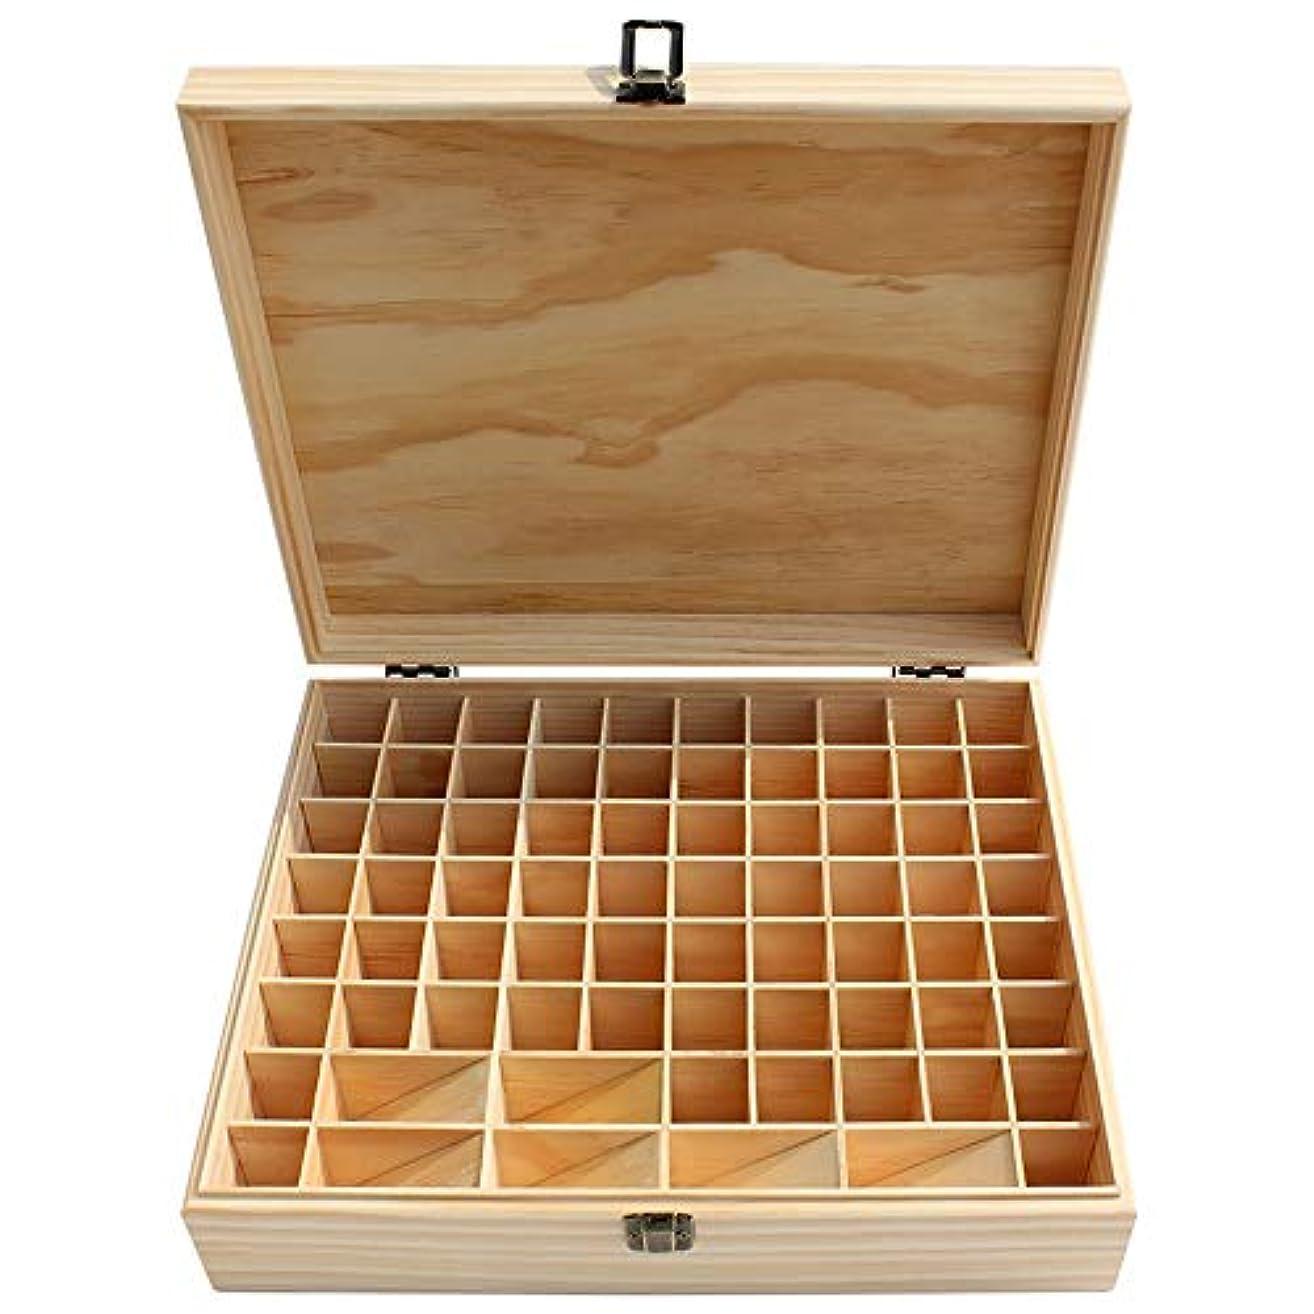 瀬戸際フットボールパウダーアロマセラピー収納ボックス 74大規模な石油、天然パイン材木製鮮明スロットは、あなたのすべてのコレクションに瞬時にアクセスを提供します エッセンシャルオイル収納ボックス (色 : Natural, サイズ : 34X27.5X9CM)